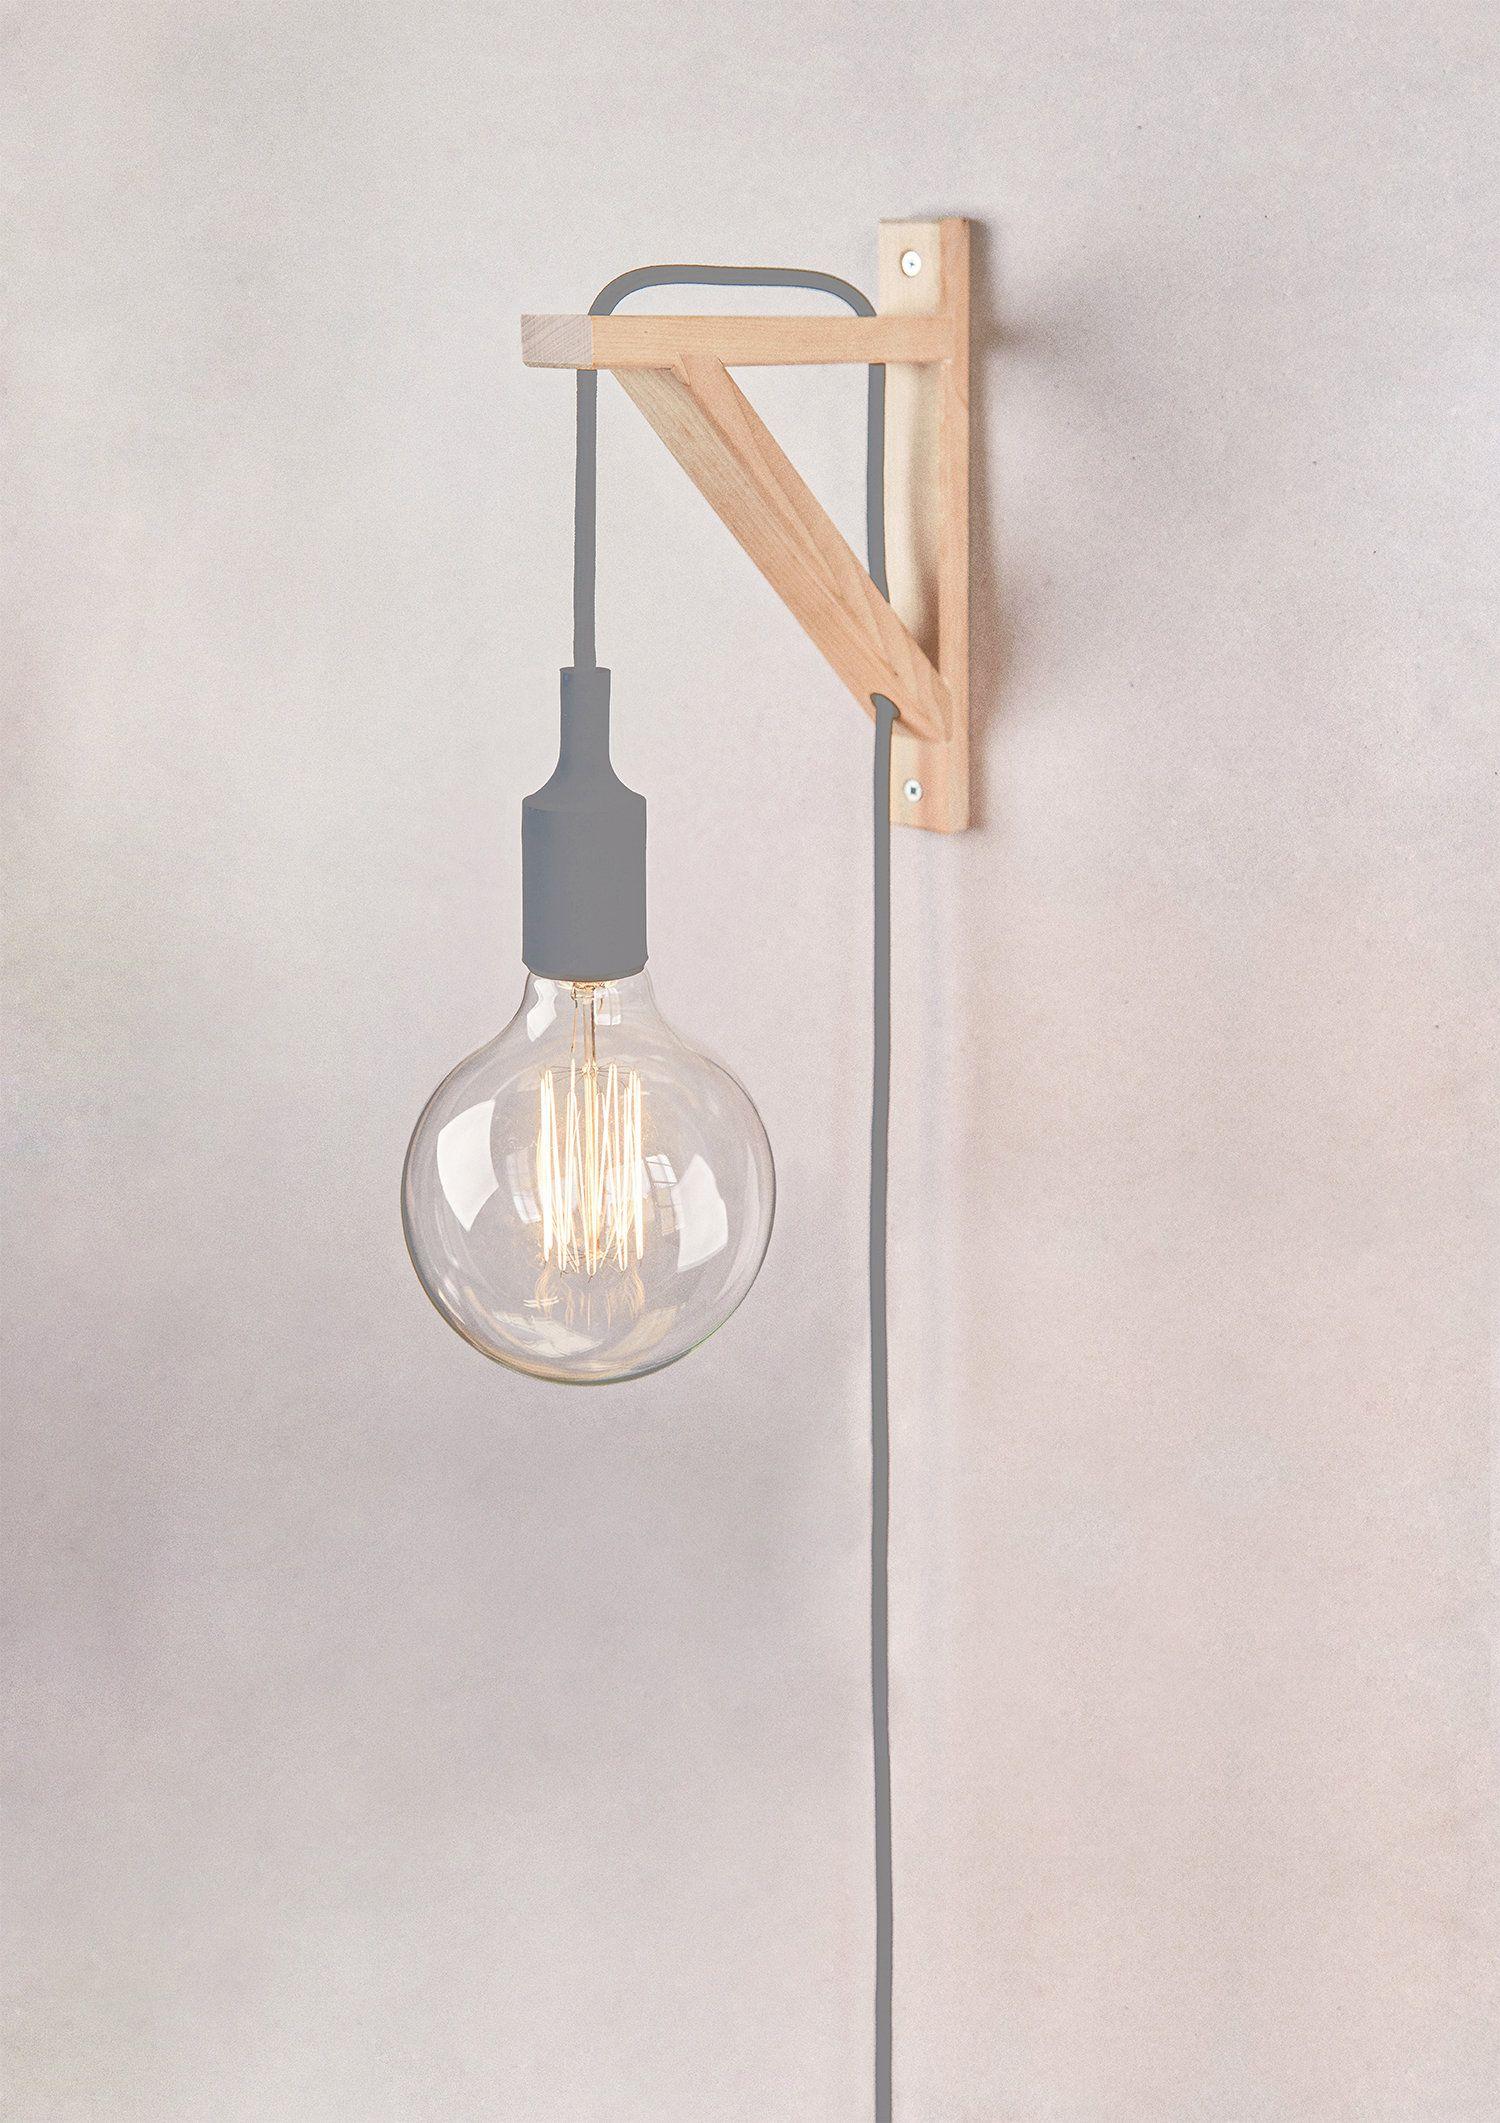 Aplique De Pared Apliques Madera Nordico Aplique De Pared Cable Tela Lampara De Madera Nordica Aplique Es Plug In Wall Sconce Plug In Wall Lights Wall Lamp